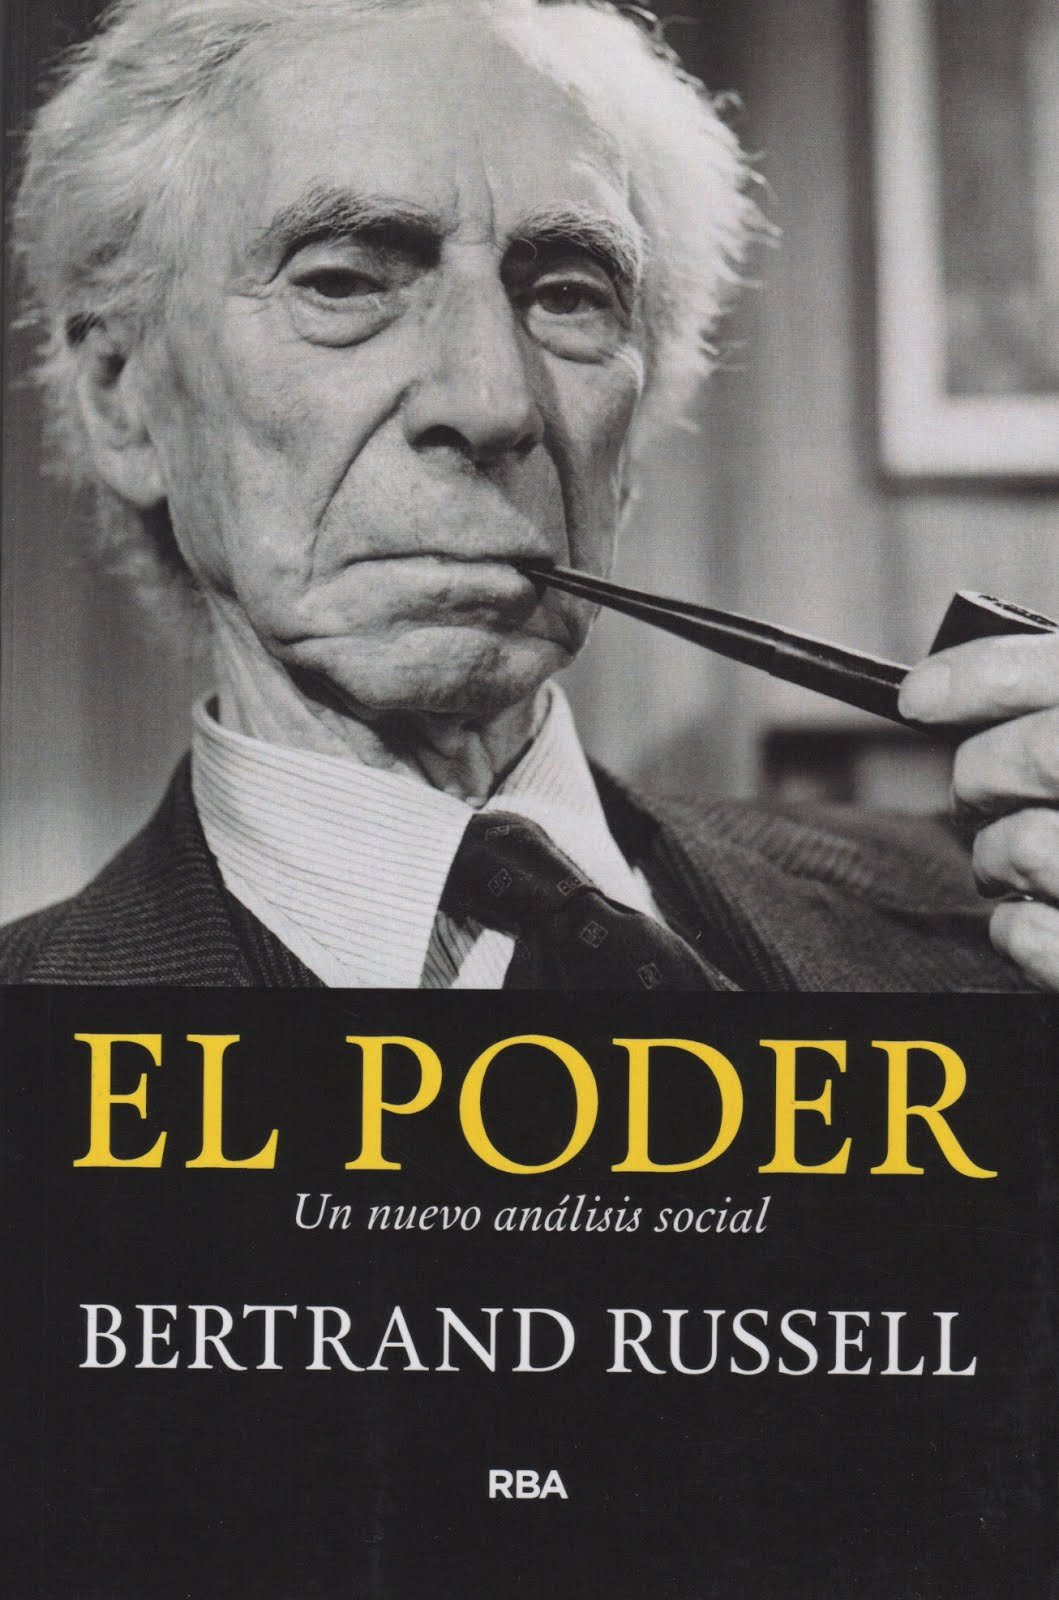 Bertrand Russell (El poder) Un nuevo análisis social